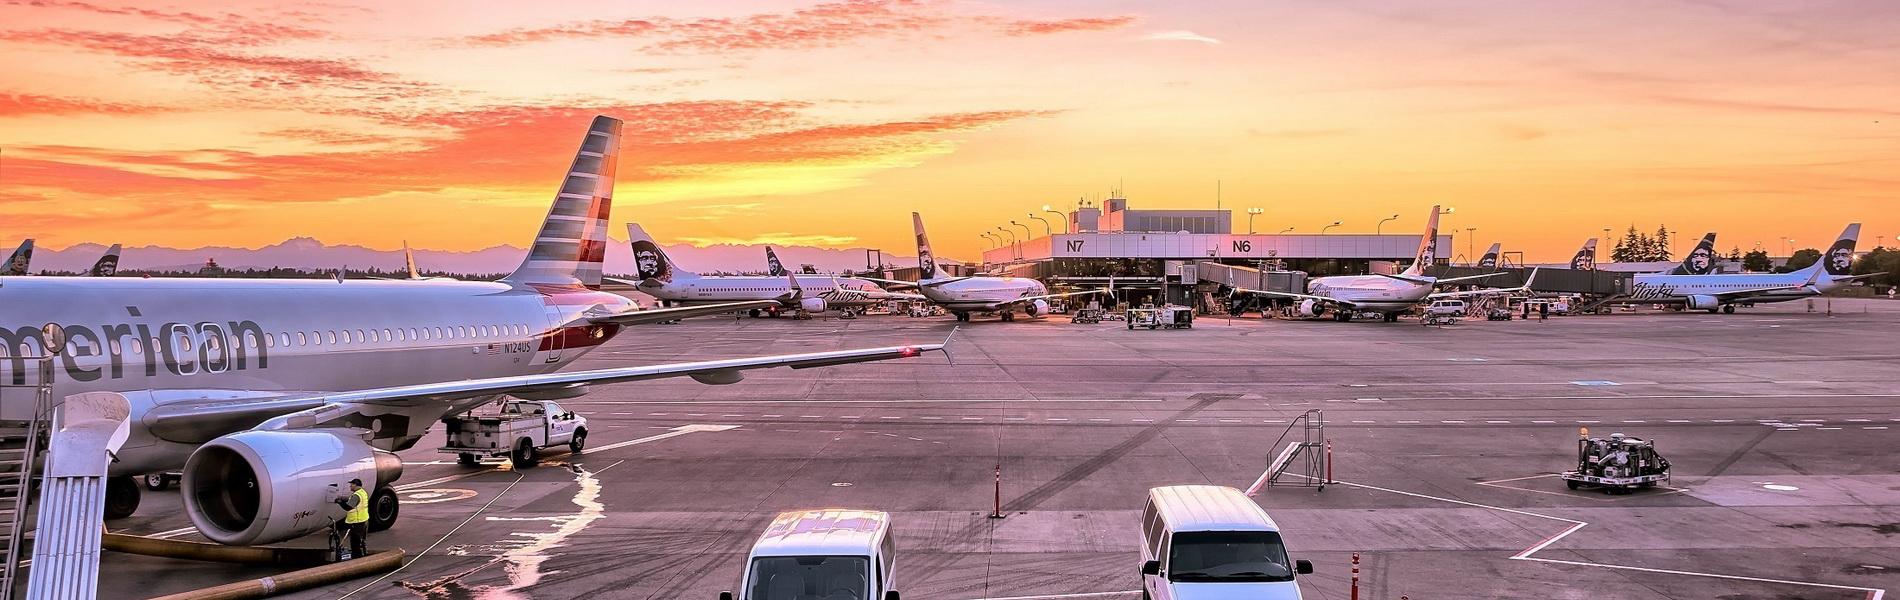 Anspruch bei Verspätung oder anderen Flugmängeln